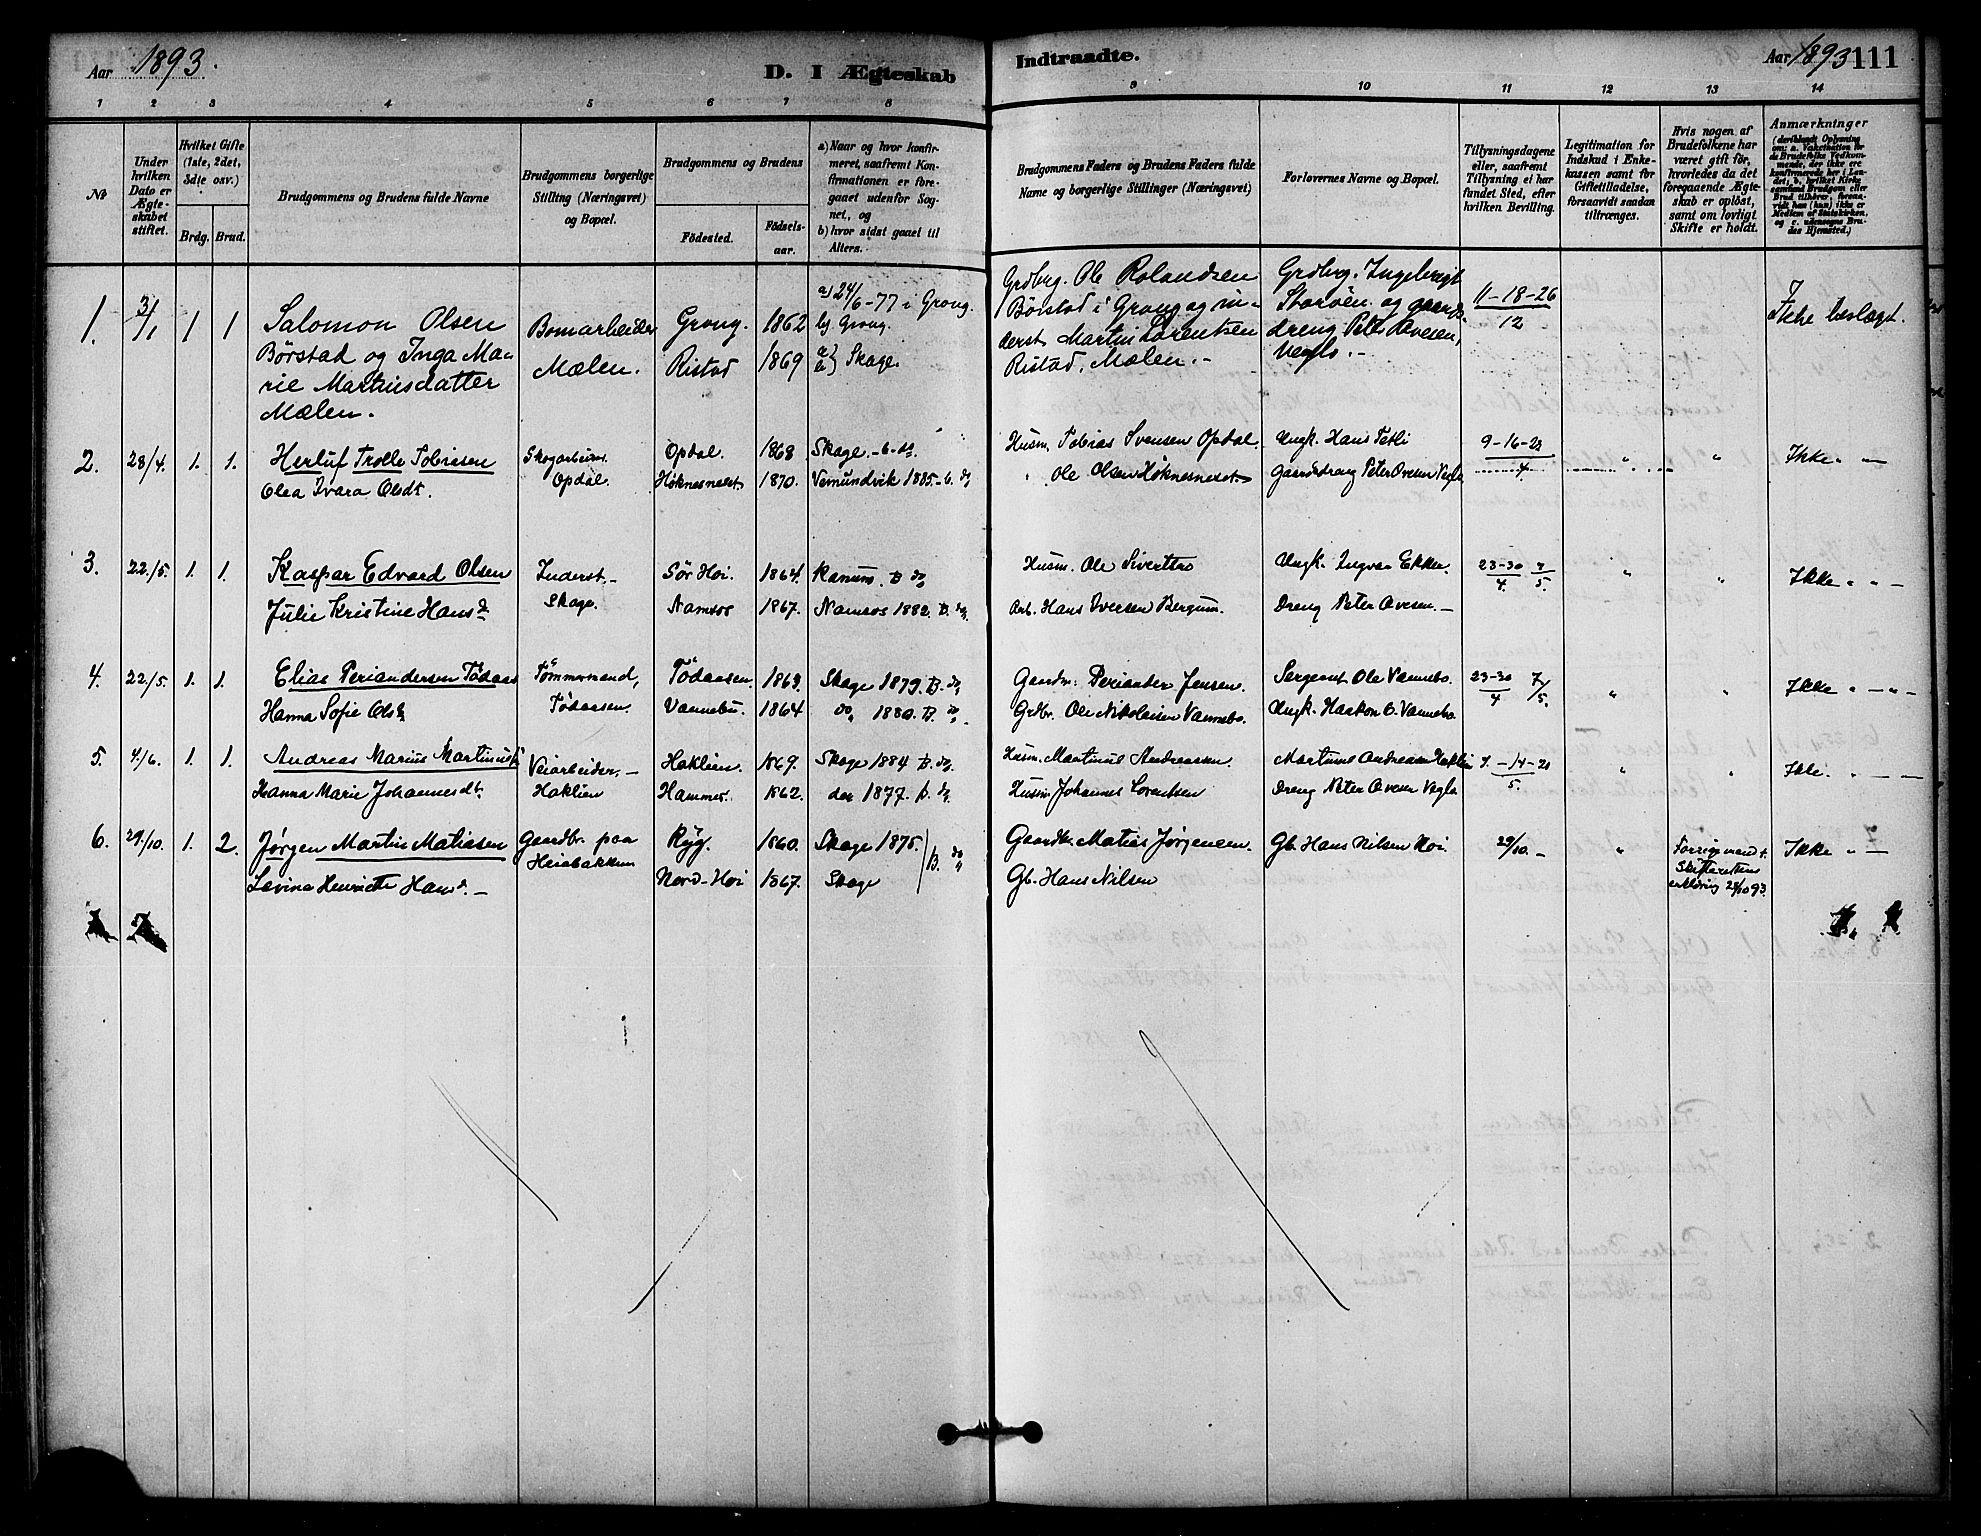 SAT, Ministerialprotokoller, klokkerbøker og fødselsregistre - Nord-Trøndelag, 766/L0563: Ministerialbok nr. 767A01, 1881-1899, s. 111